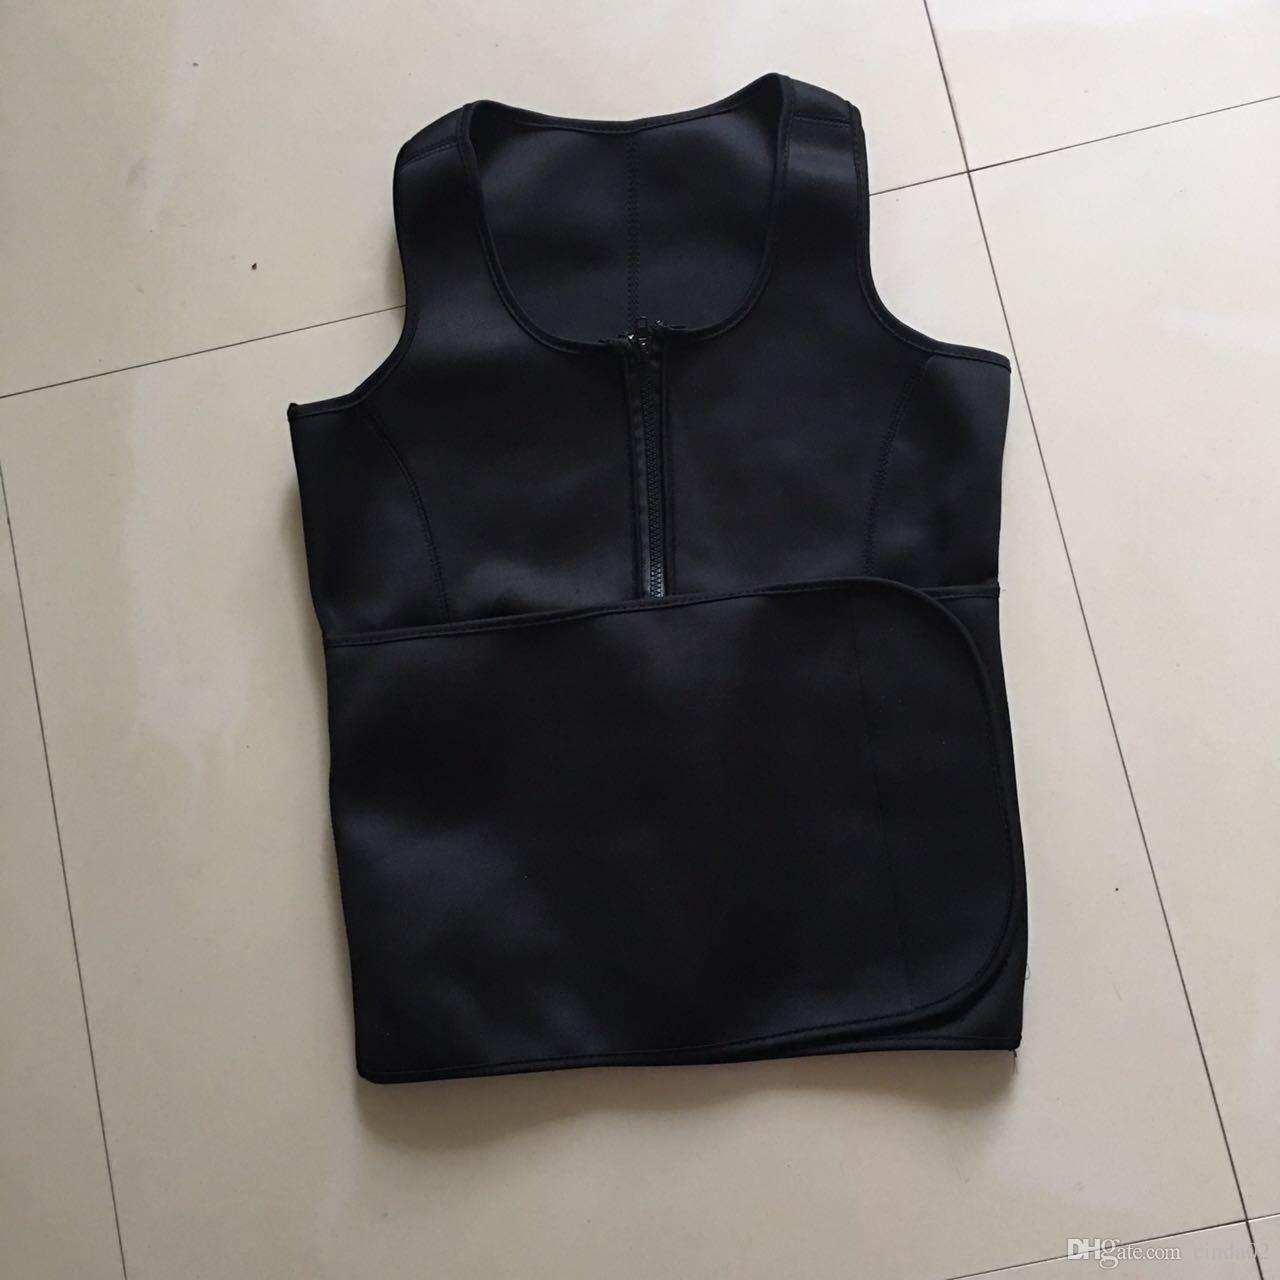 Néoprène Sauna Gilet Body Shaper amincissant taille formateur d'été Forme d'entraînement porter Corset Ceinture réglable